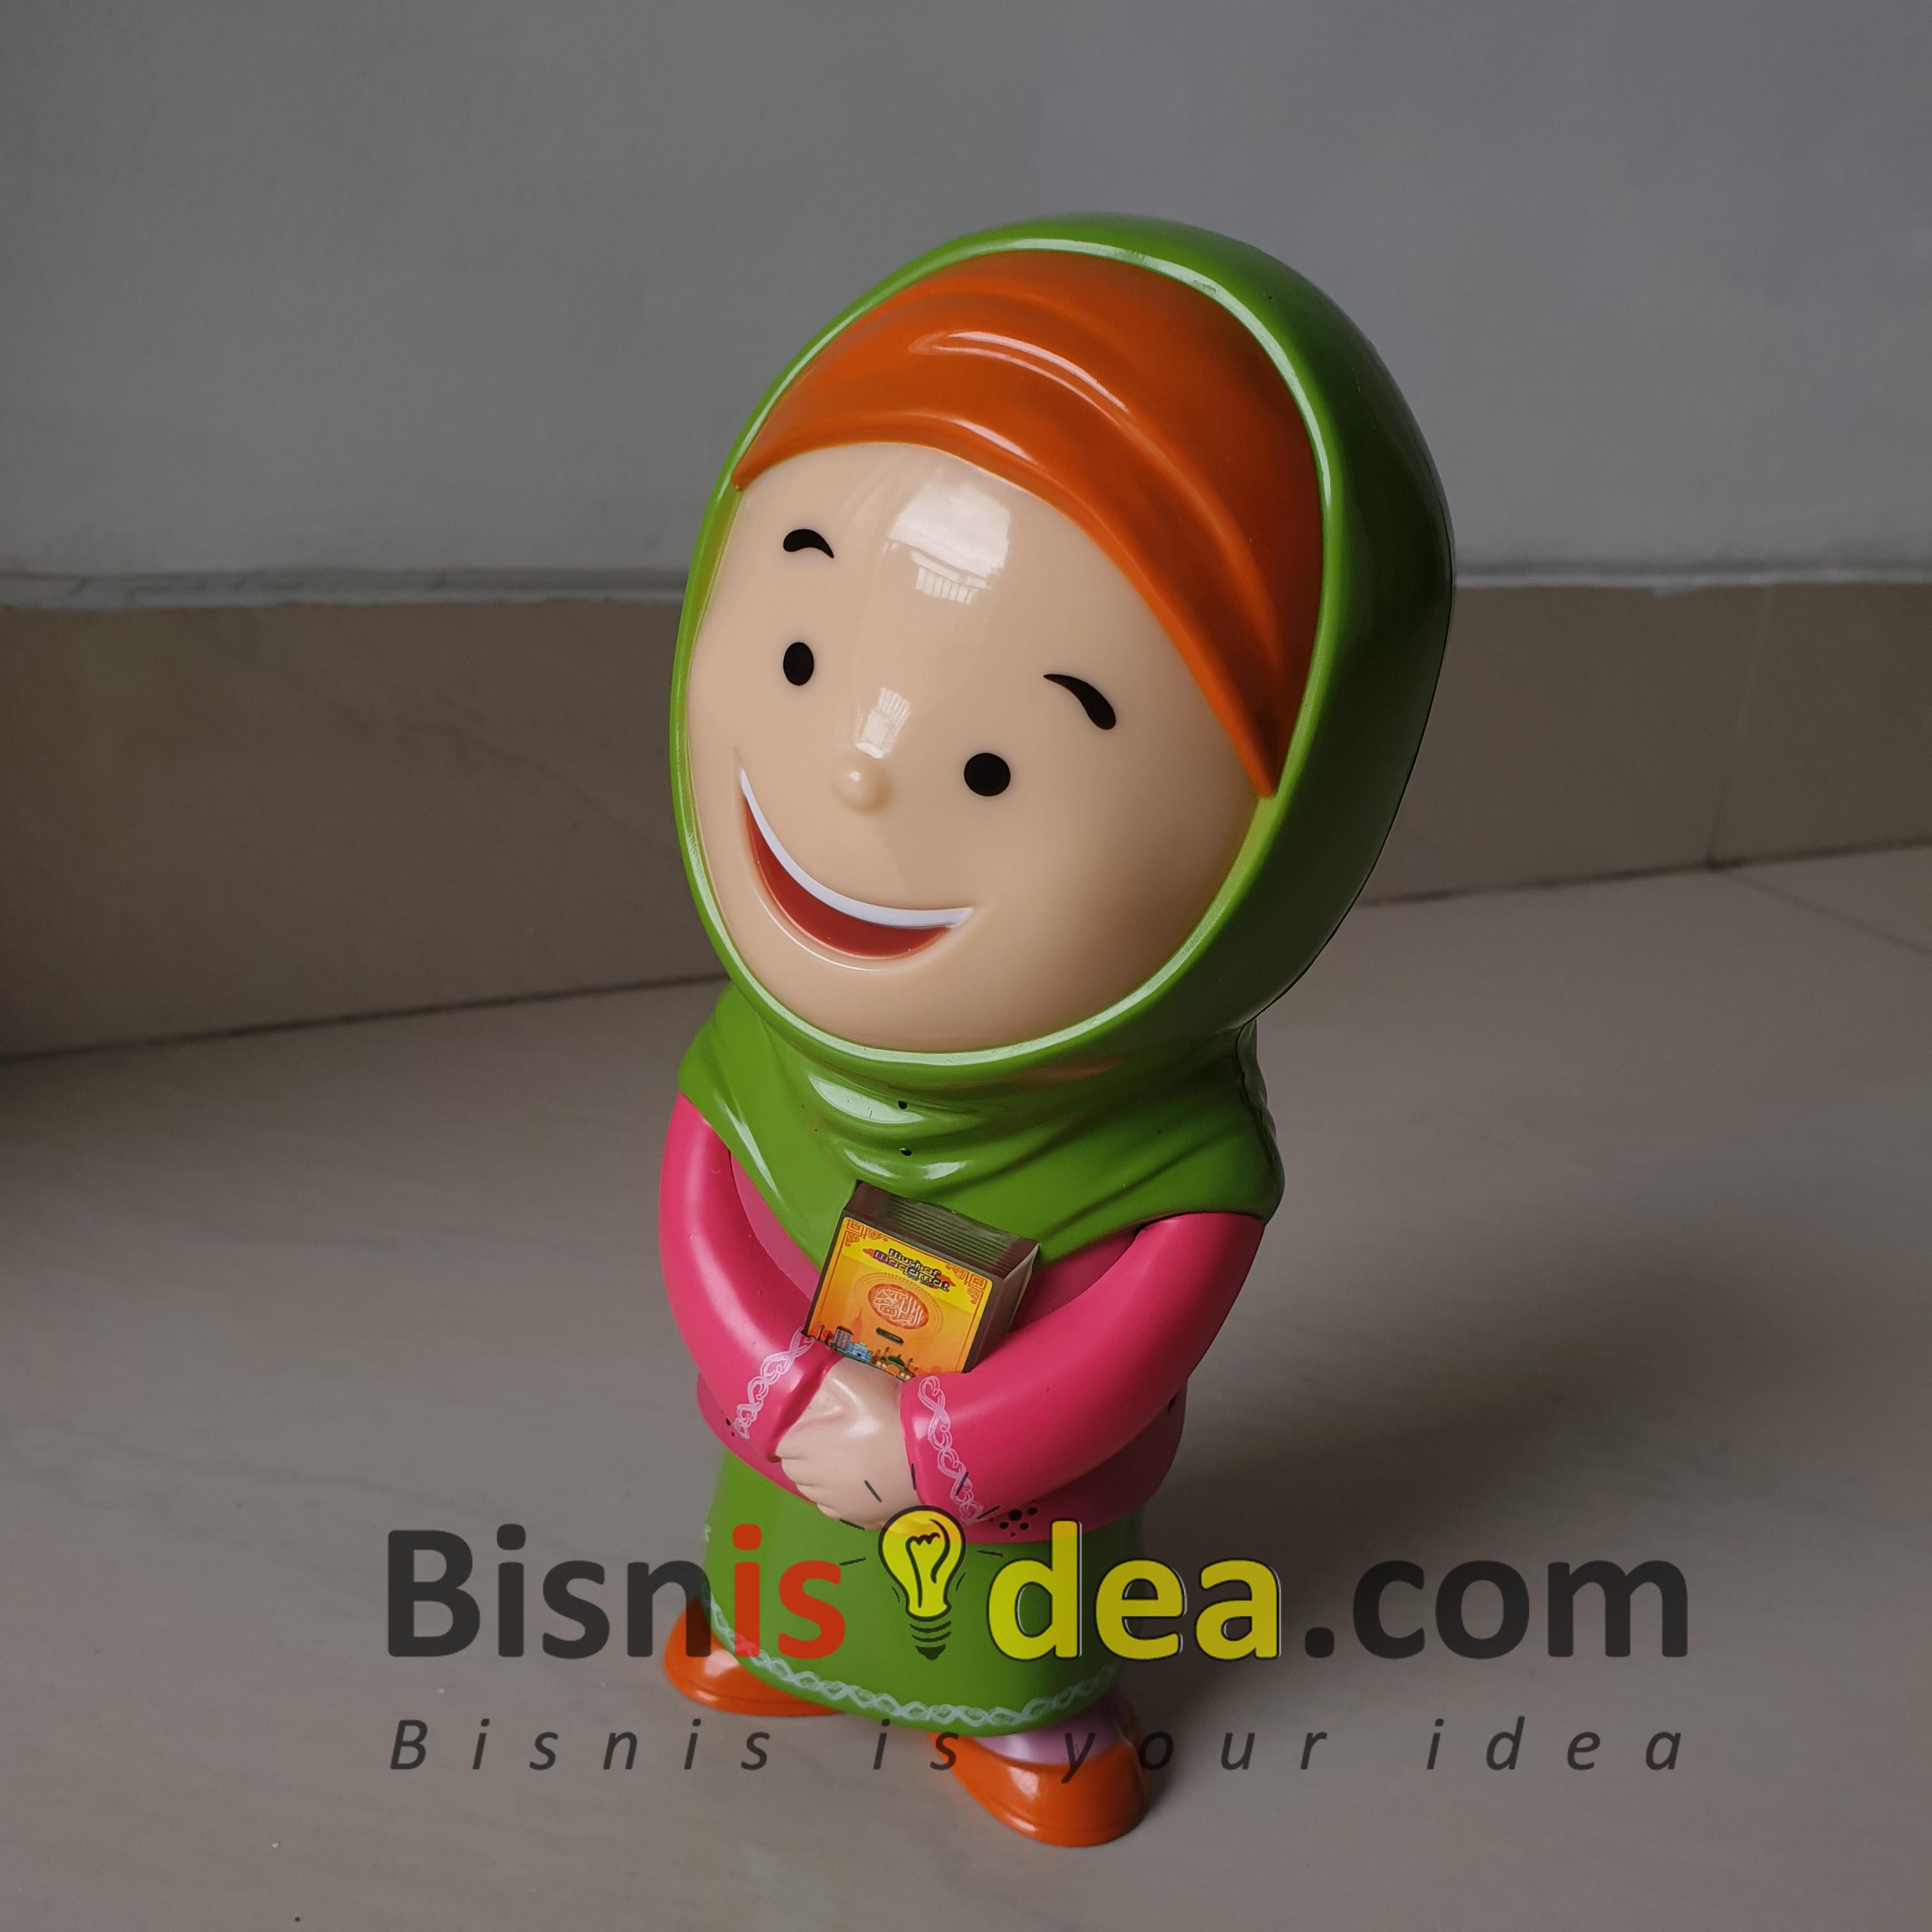 [JUAL] Produk Mainan Edukasi Untuk Mengasah dan Meningkatkan Kemampuan Otak Anak di Jakarta - Minat Hubungi 0813-7174-169-tiga